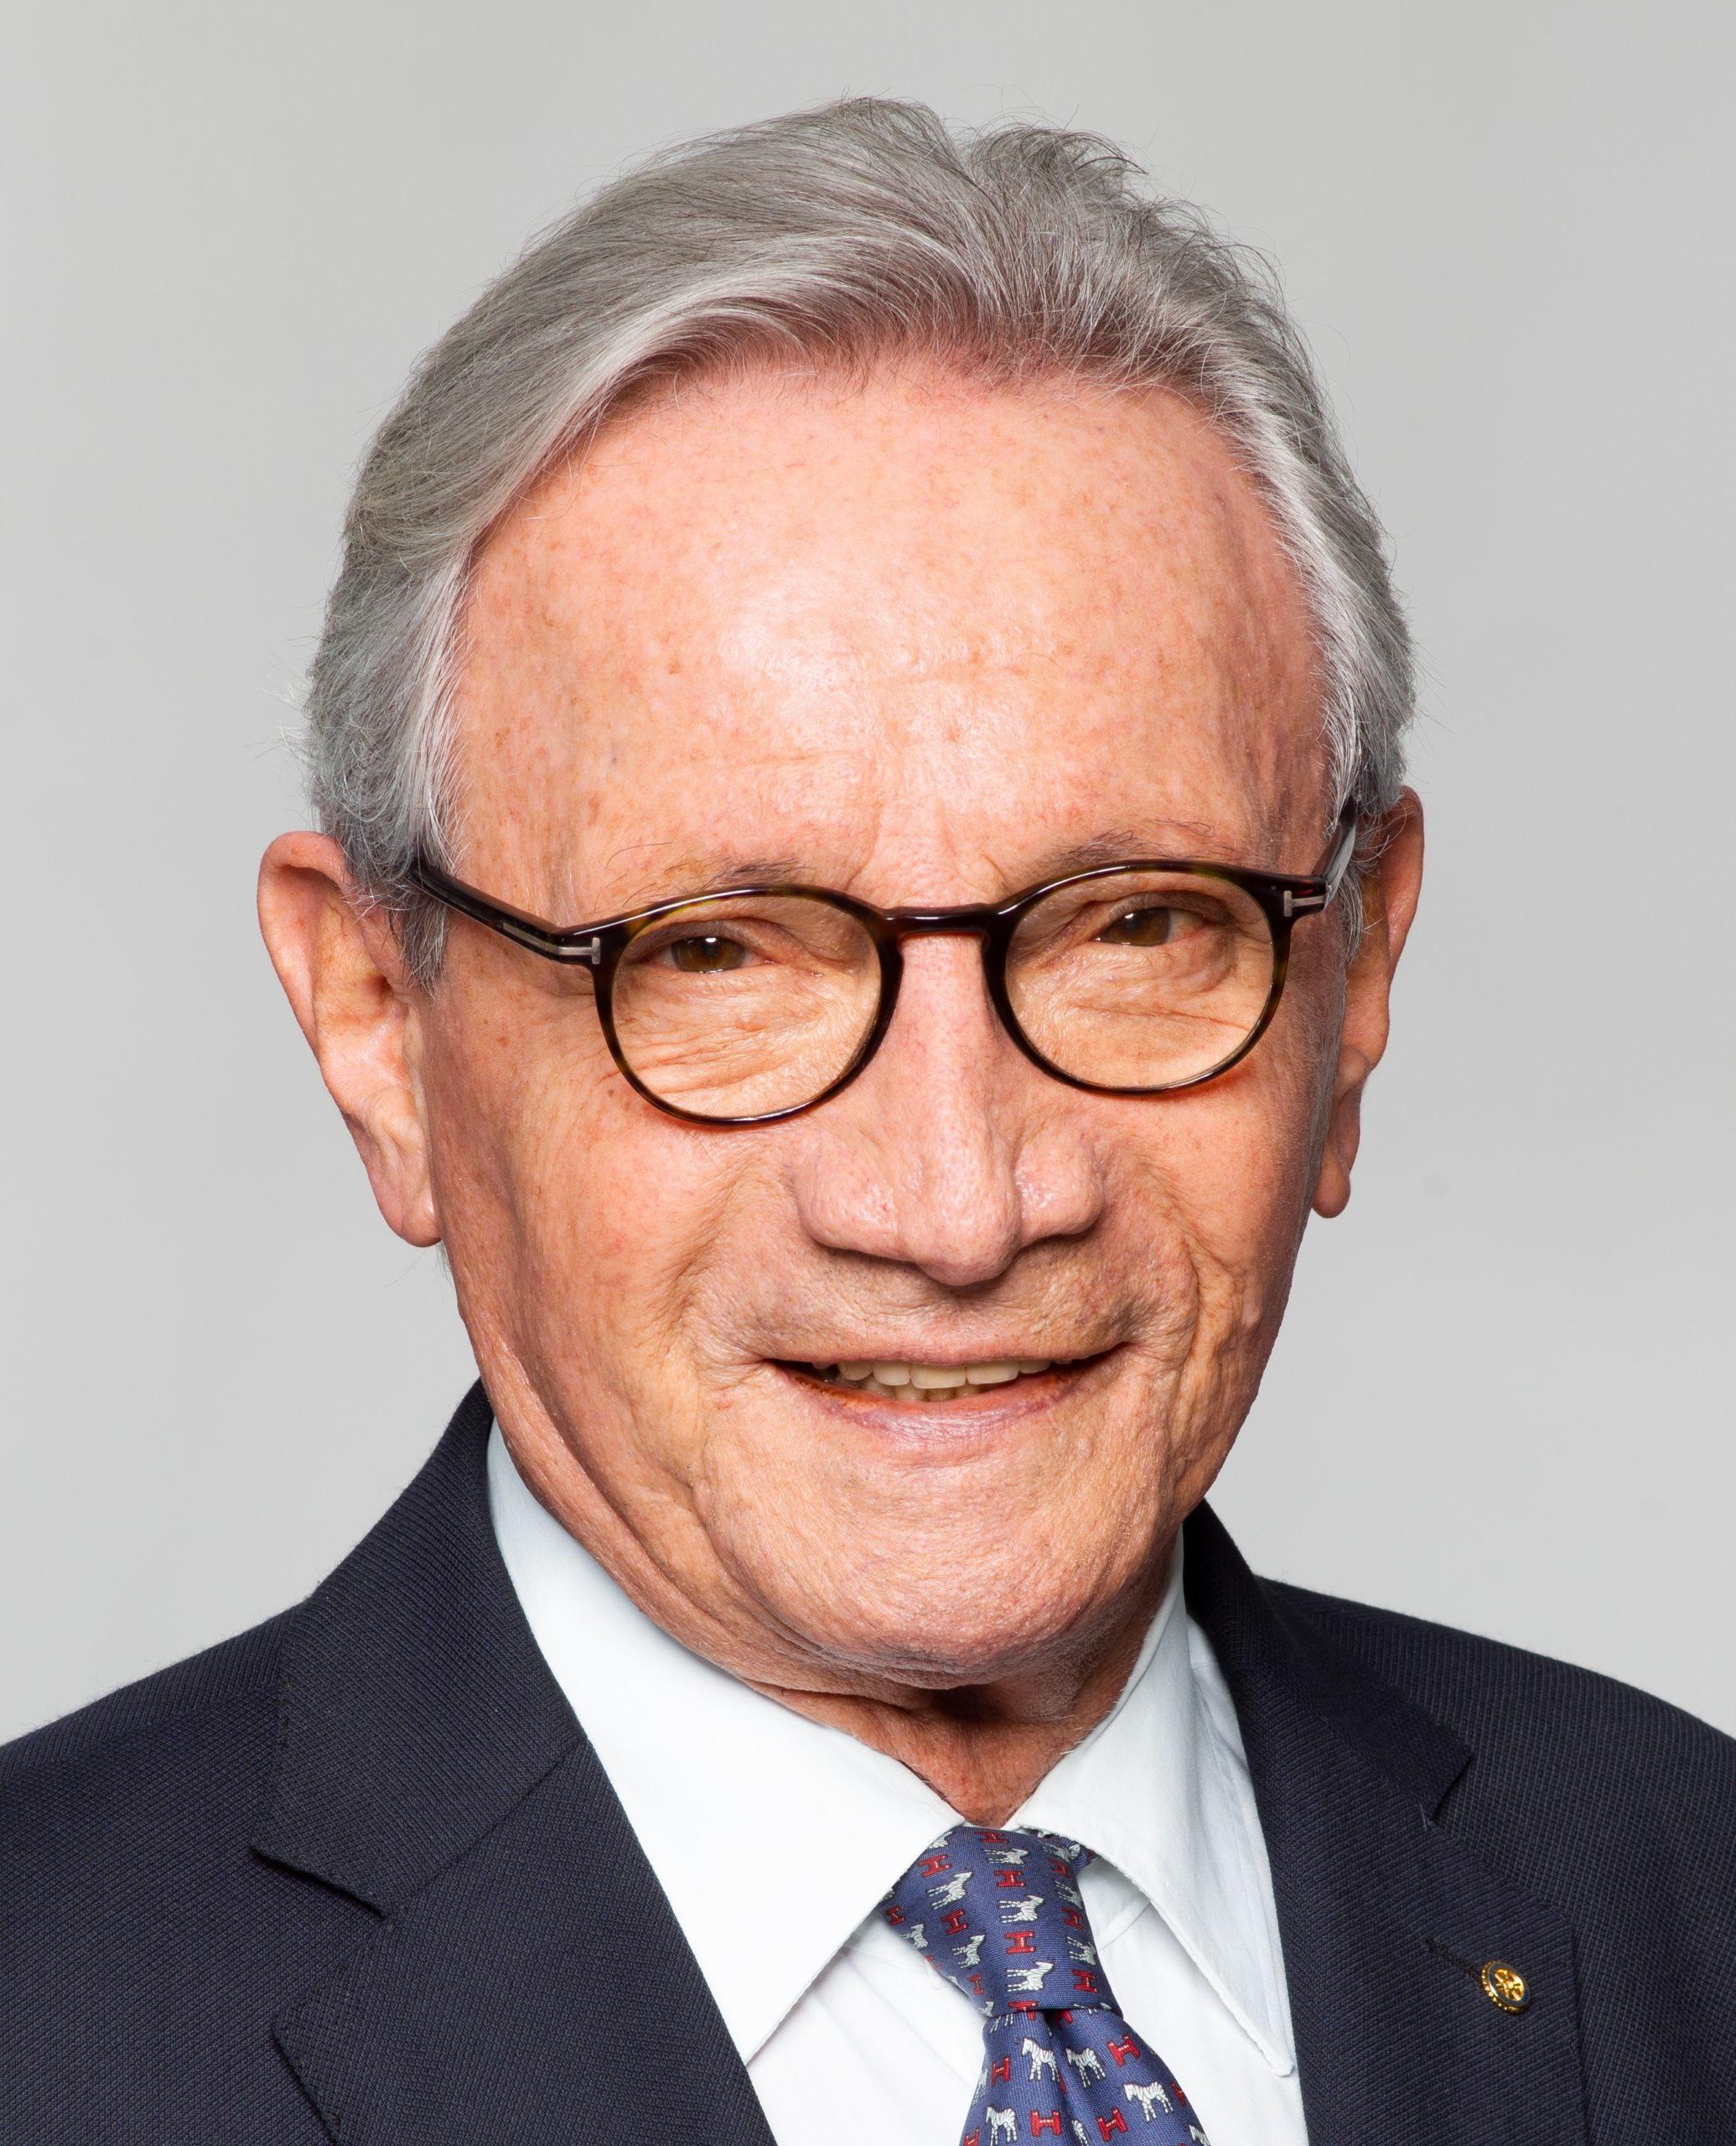 Dr. Helmut Baur